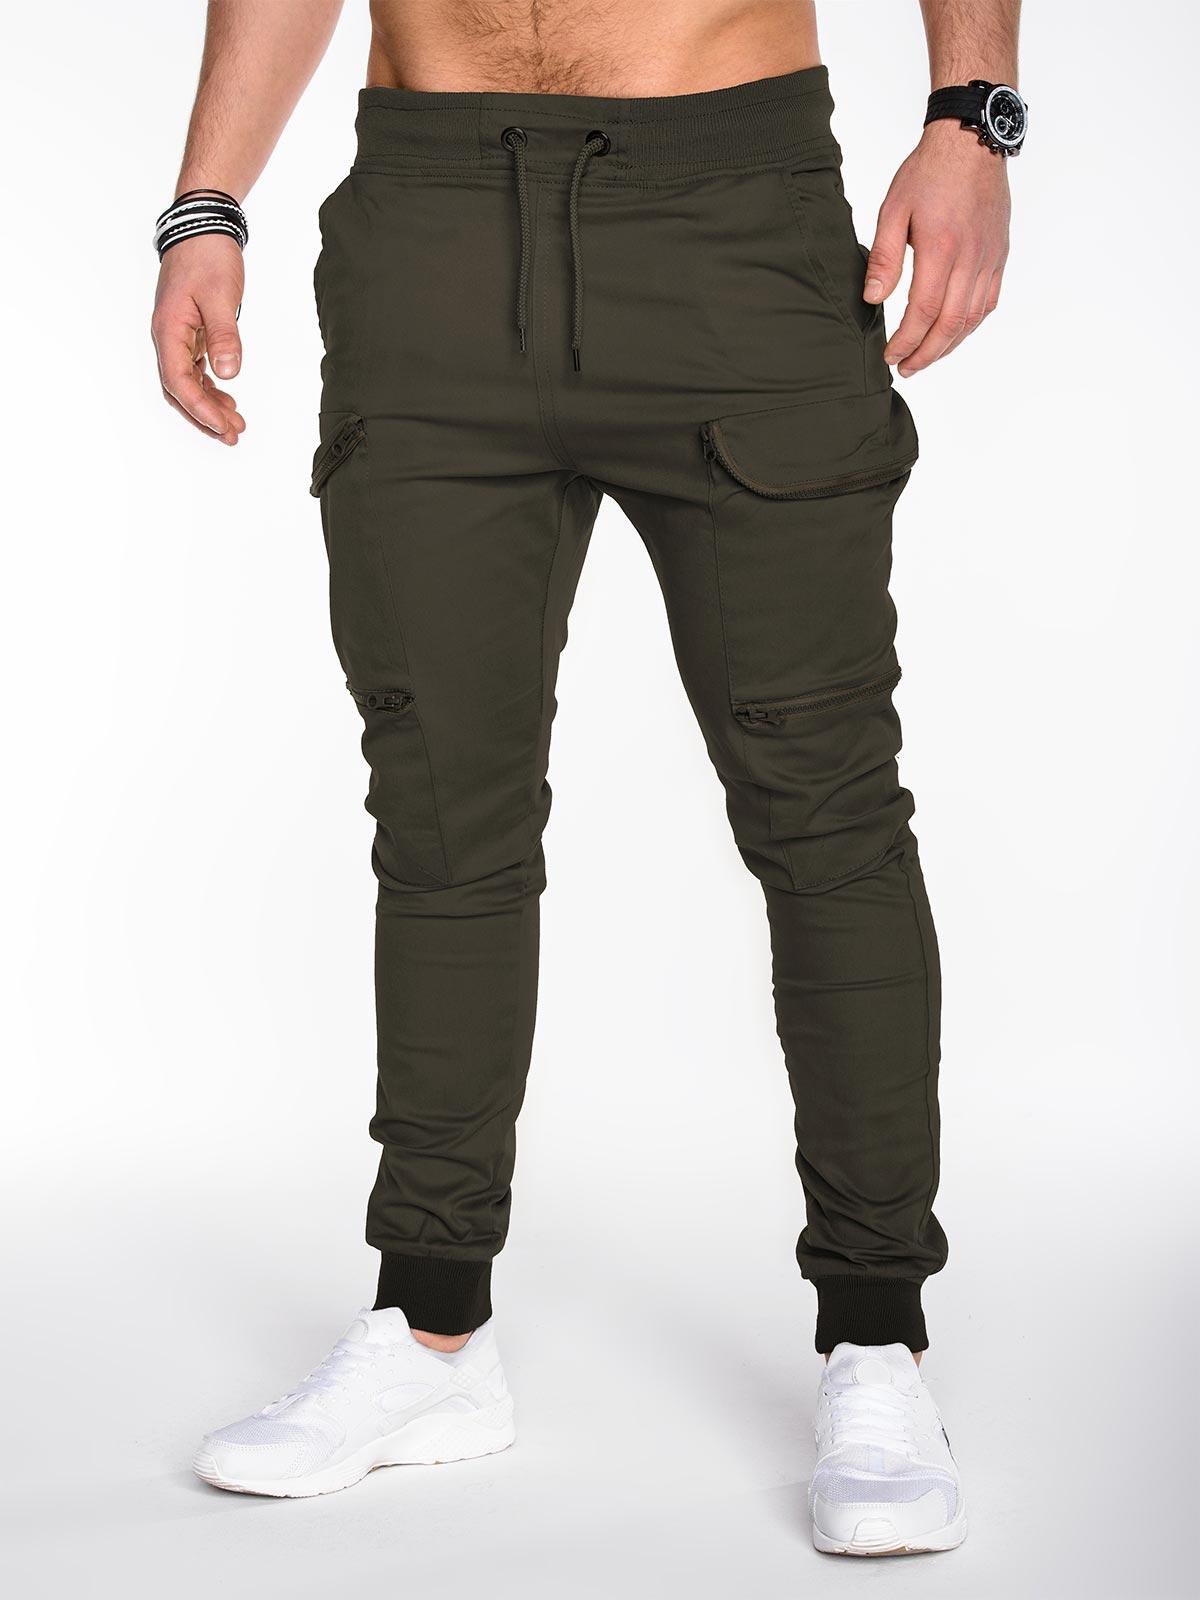 da5761a198d826 Spodnie męskie joggery 456P - oliwkowe zielony || oliwkowy | Odzież ...